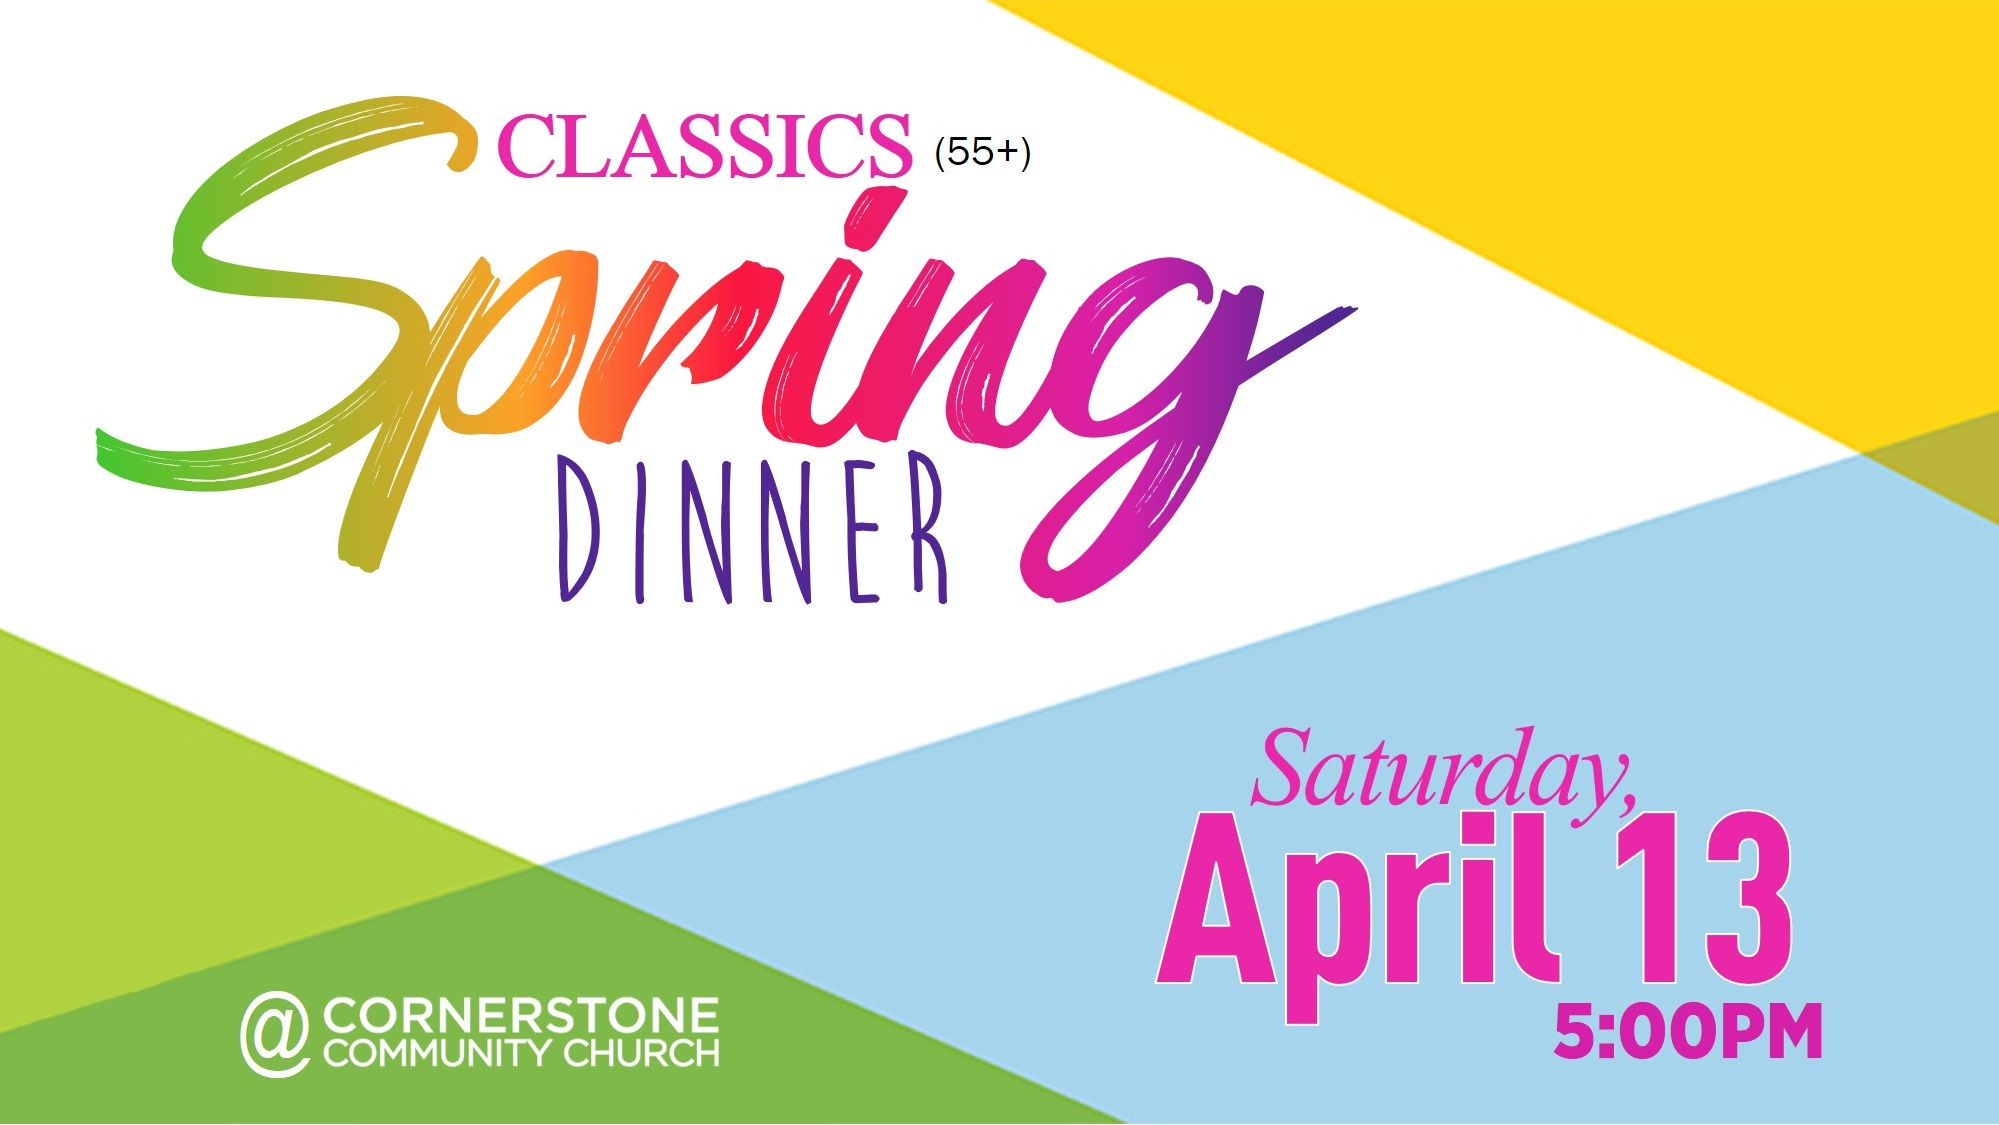 Classics Spring Dinner.jpg